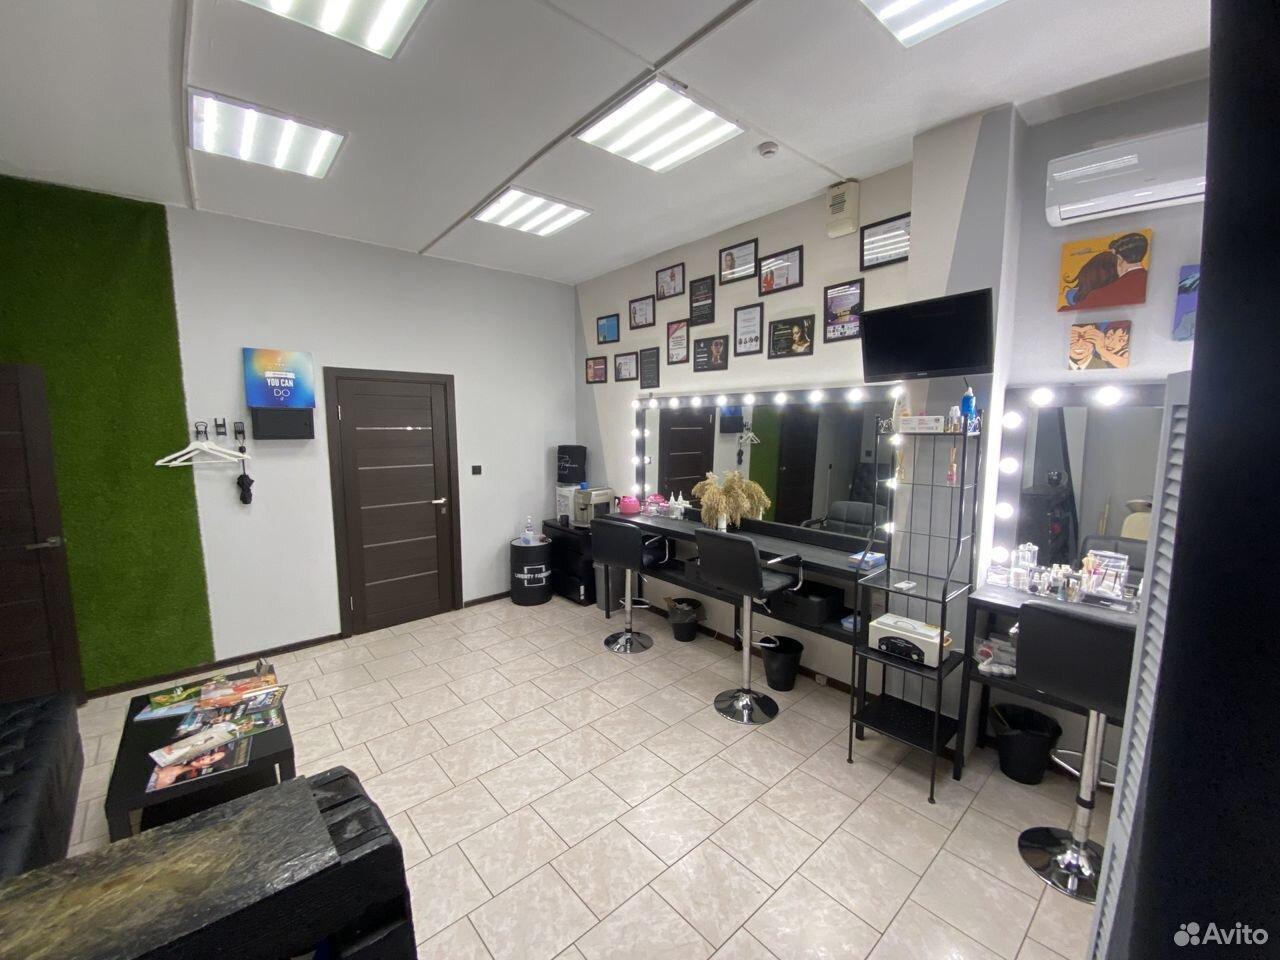 Студия красоты в стиле лофт  89891401720 купить 2